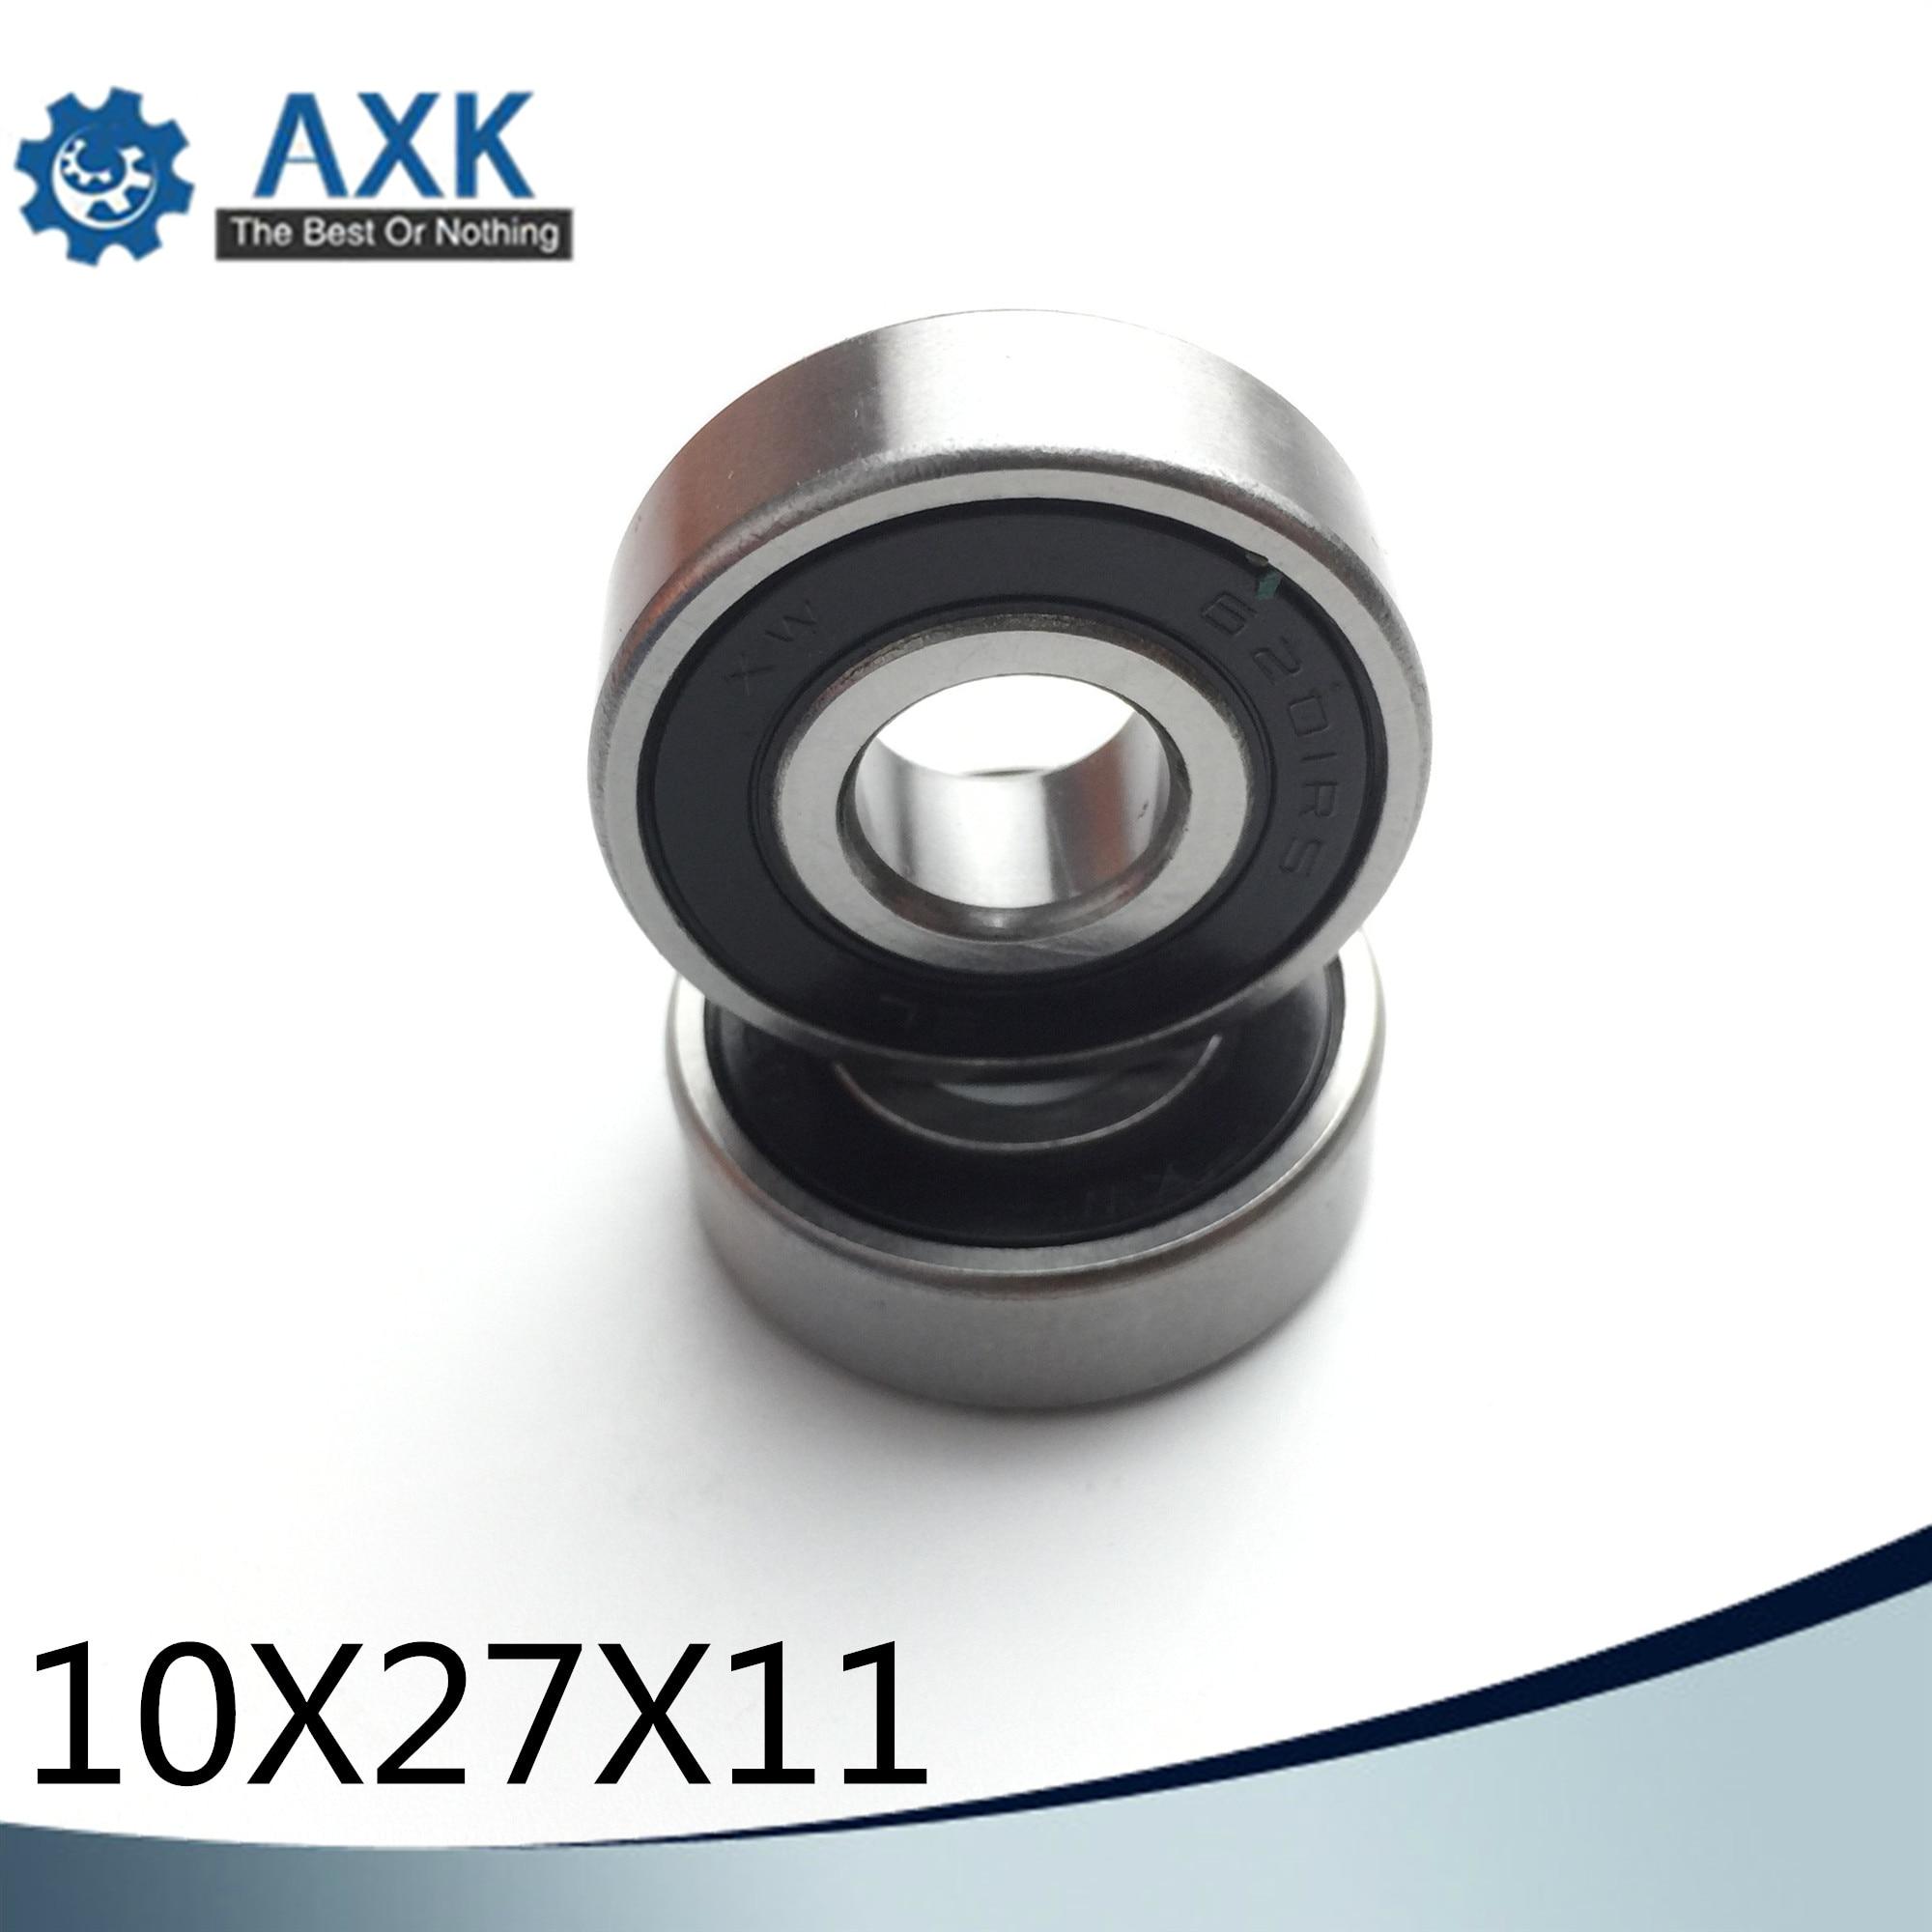 102711 Non-standard Ball Bearings ( 1 PC ) Inner Diameter Non Standard Bearing 10*27*11 mm102711 Non-standard Ball Bearings ( 1 PC ) Inner Diameter Non Standard Bearing 10*27*11 mm